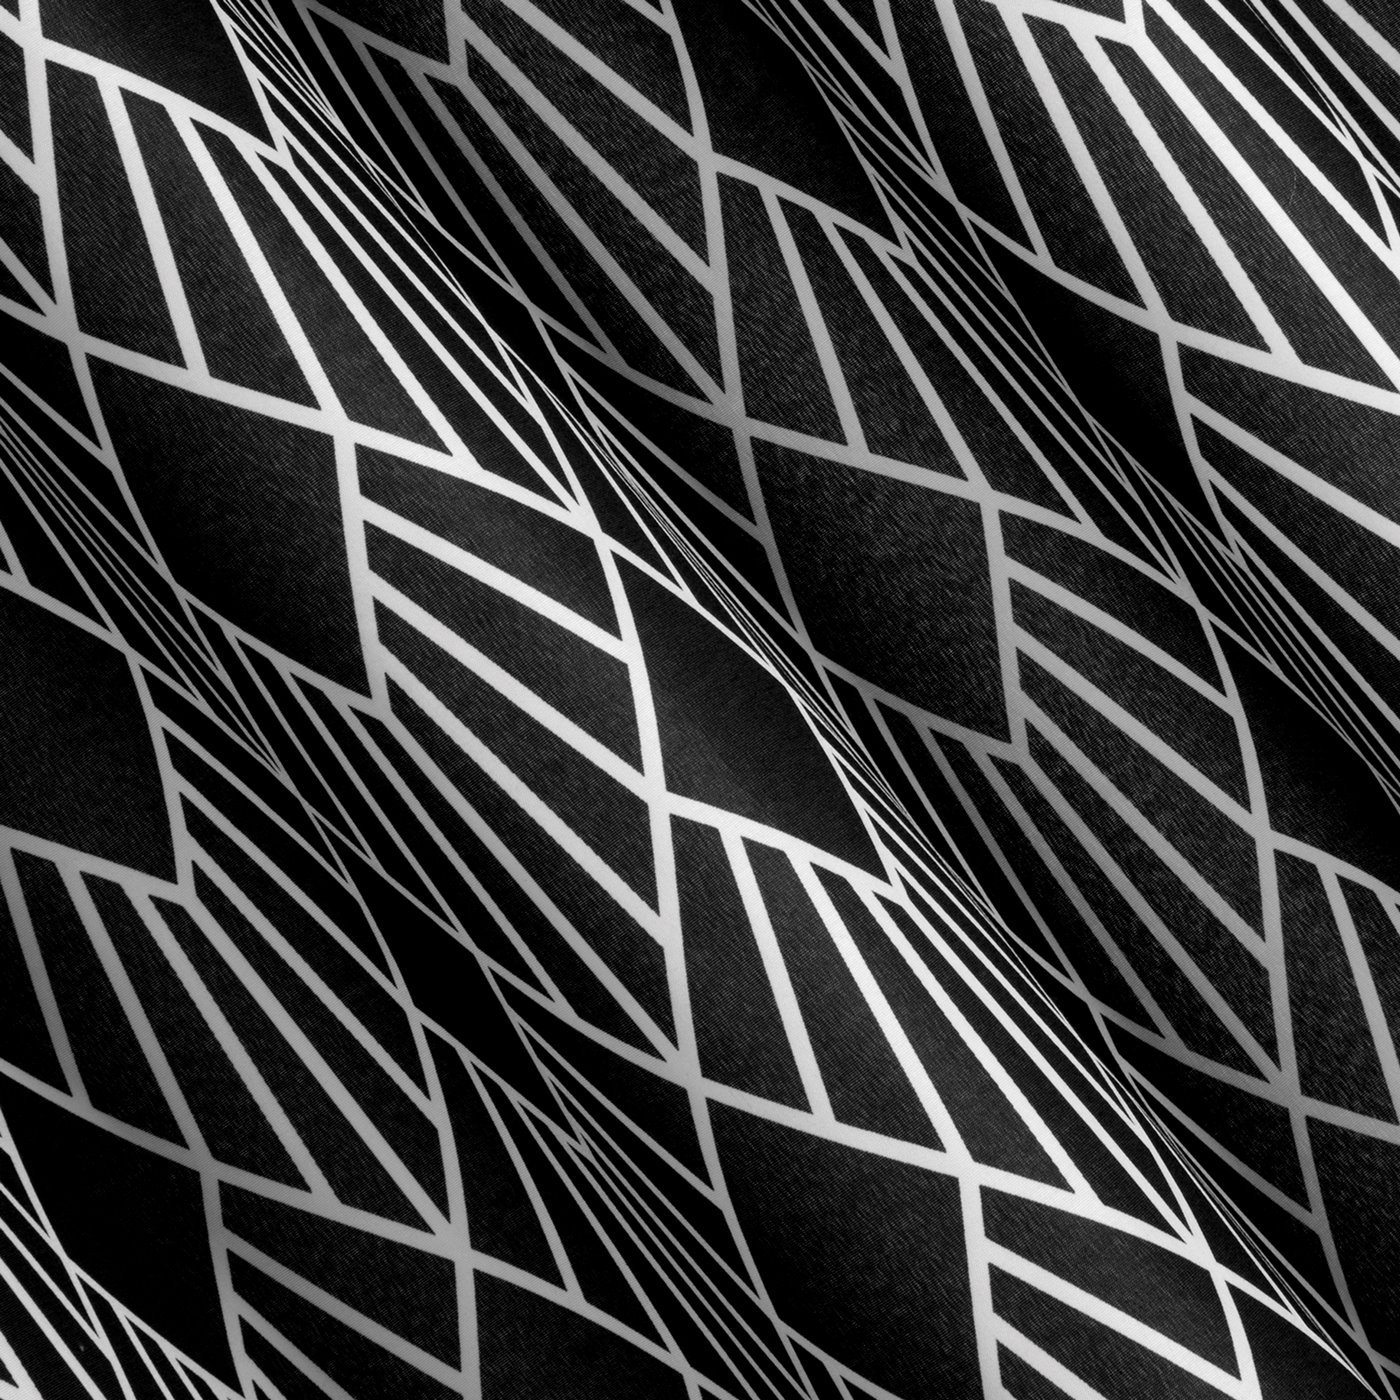 Nowoczesne zasłony geometryczny wzór 140x250 przelotki